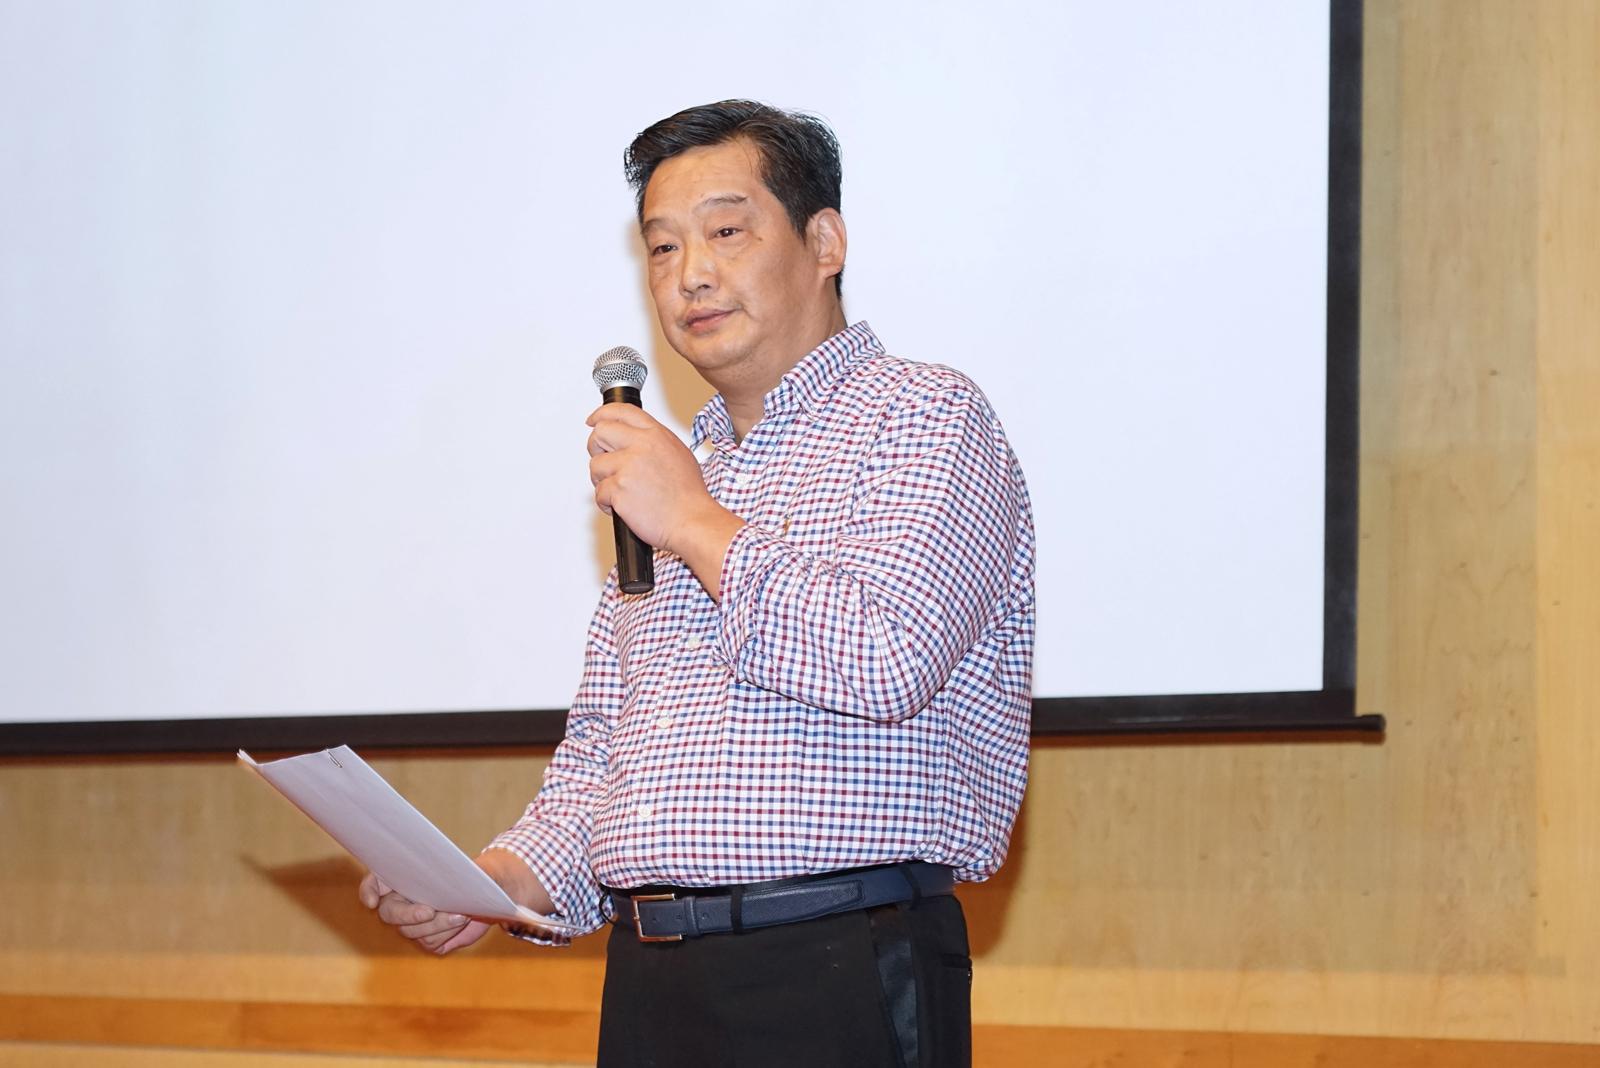 东方美谷企业集团股份有限公司副总经理窦春麟代表指导单位致词。